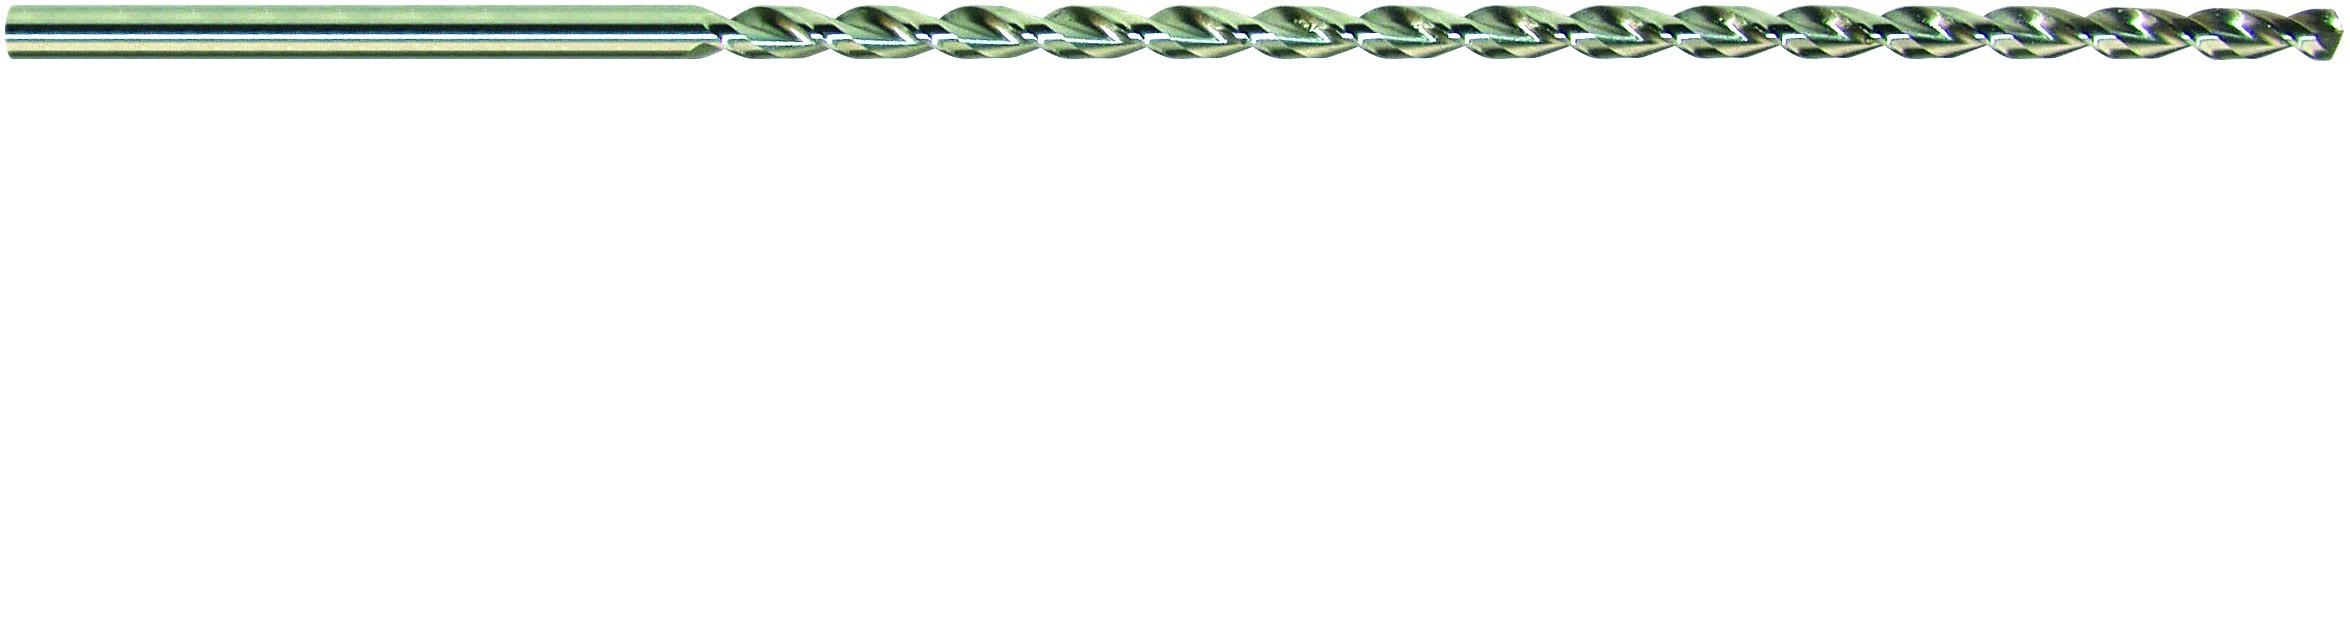 HSS-G Spiralbohrer DIN 1869 extra lang HSS-G Spiralbohrer DIN 1869 extra lang /Ø 3,2 mm Gesamtl/änge 155 mm